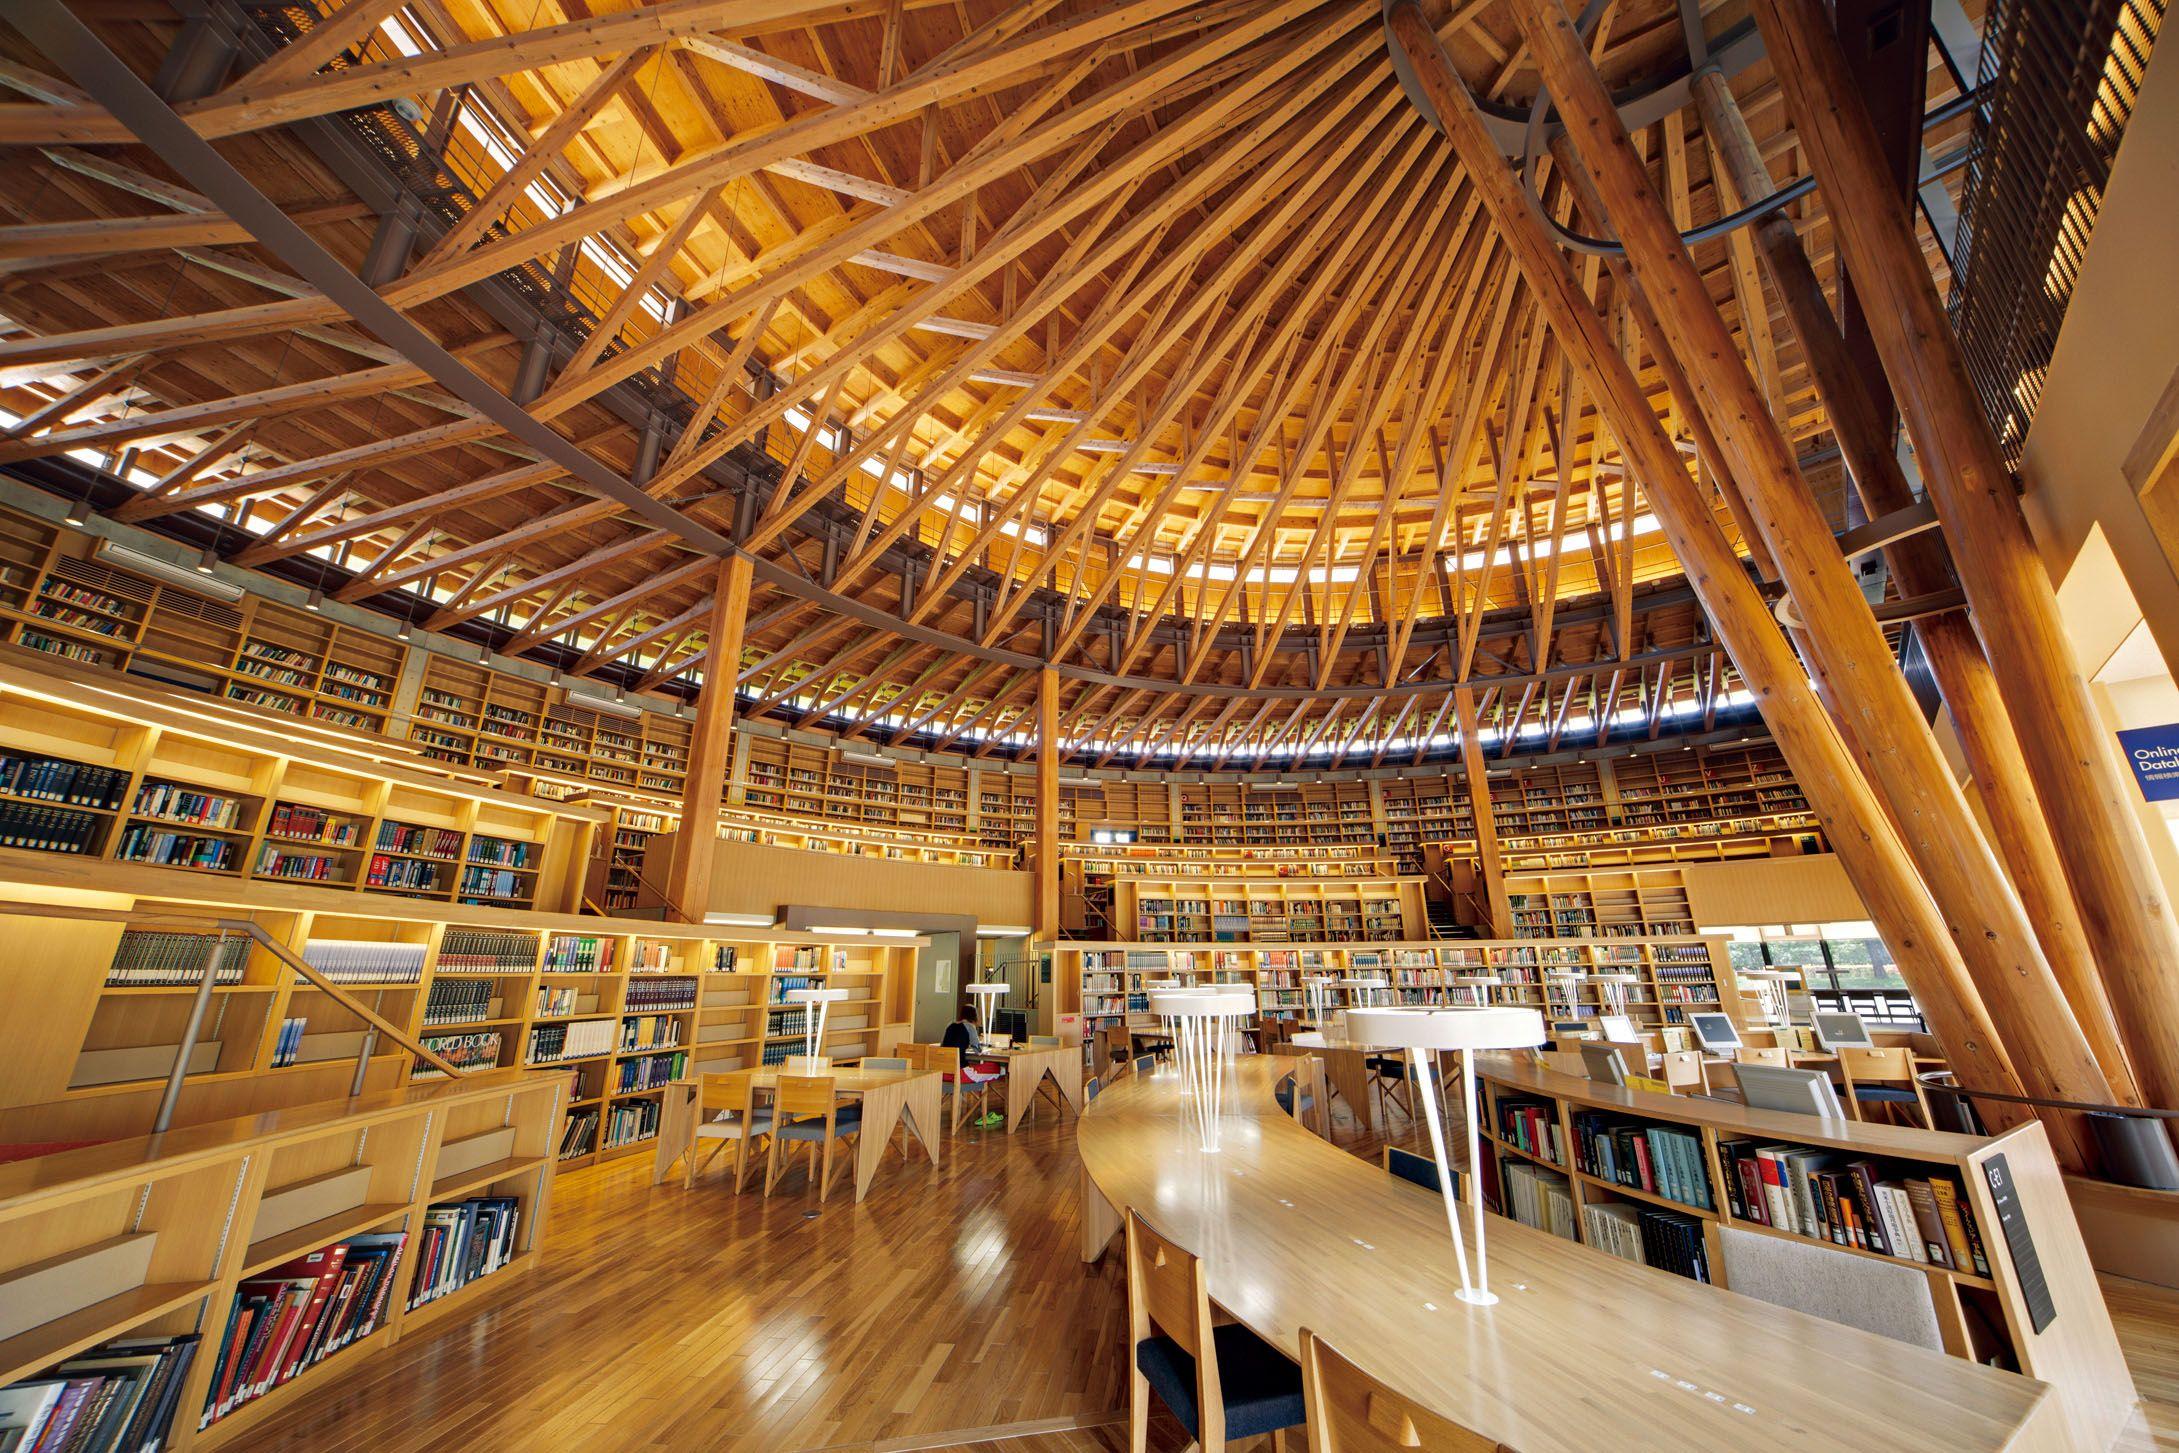 一度は行ってみたい 美しすぎる日本の図書館5選 図書館 建築 旅行